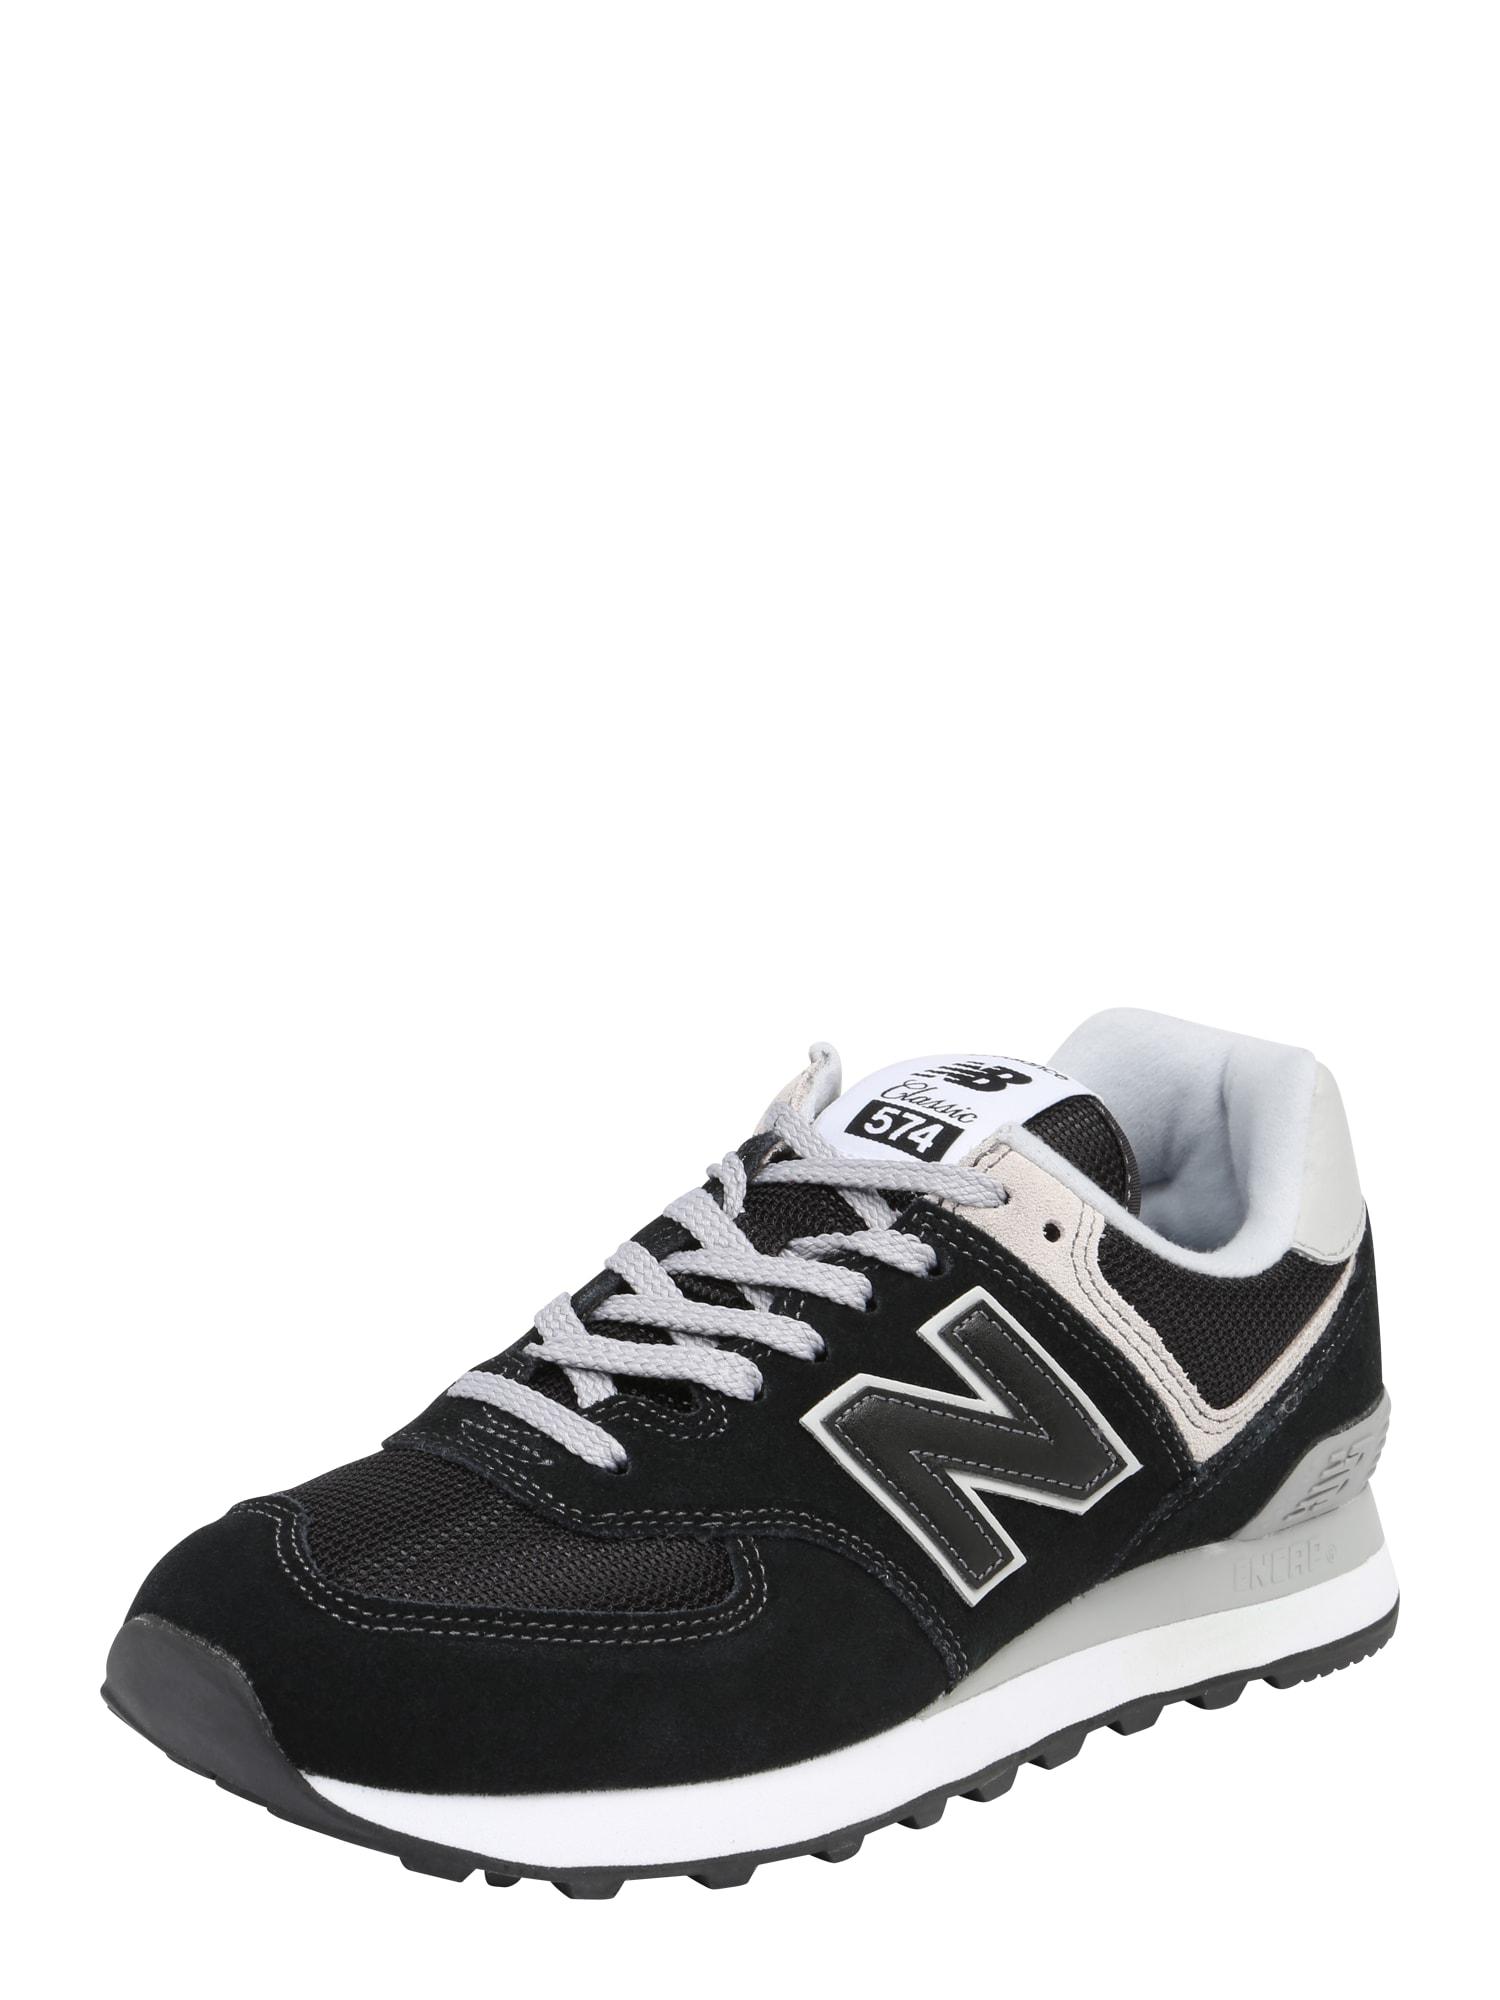 Tenisky ML574 světle šedá černá New Balance